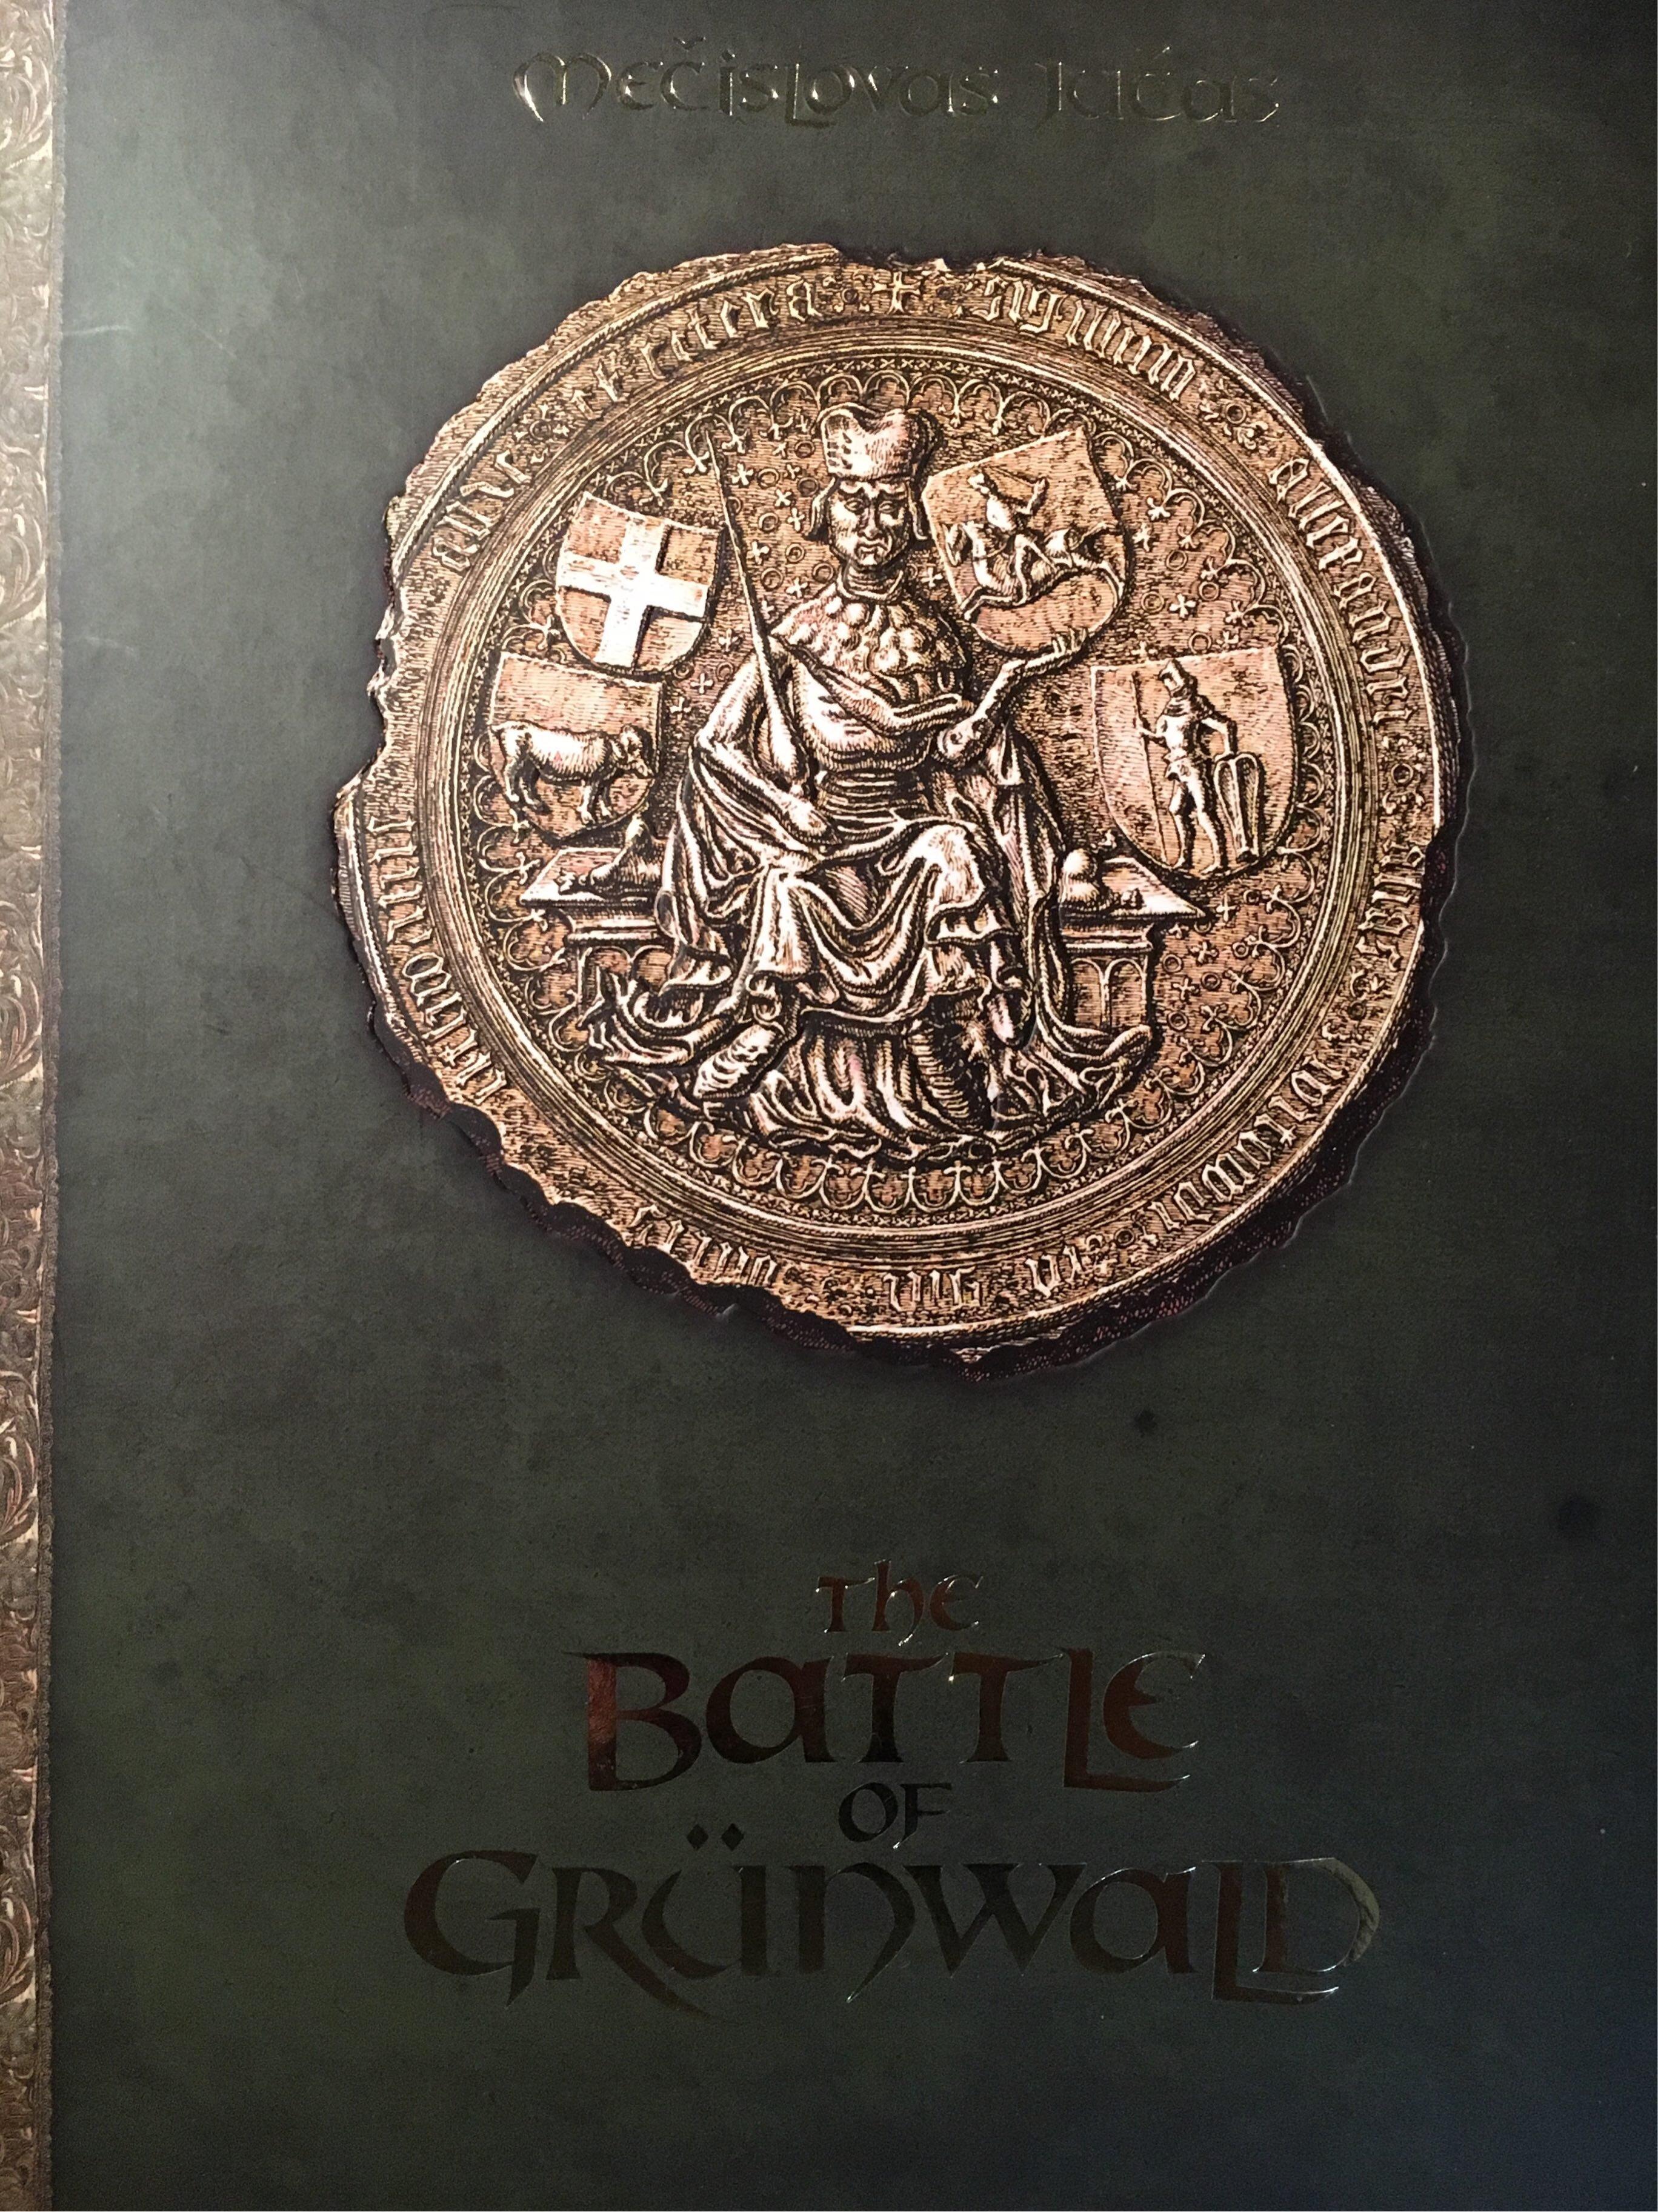 The battle of Grünwald